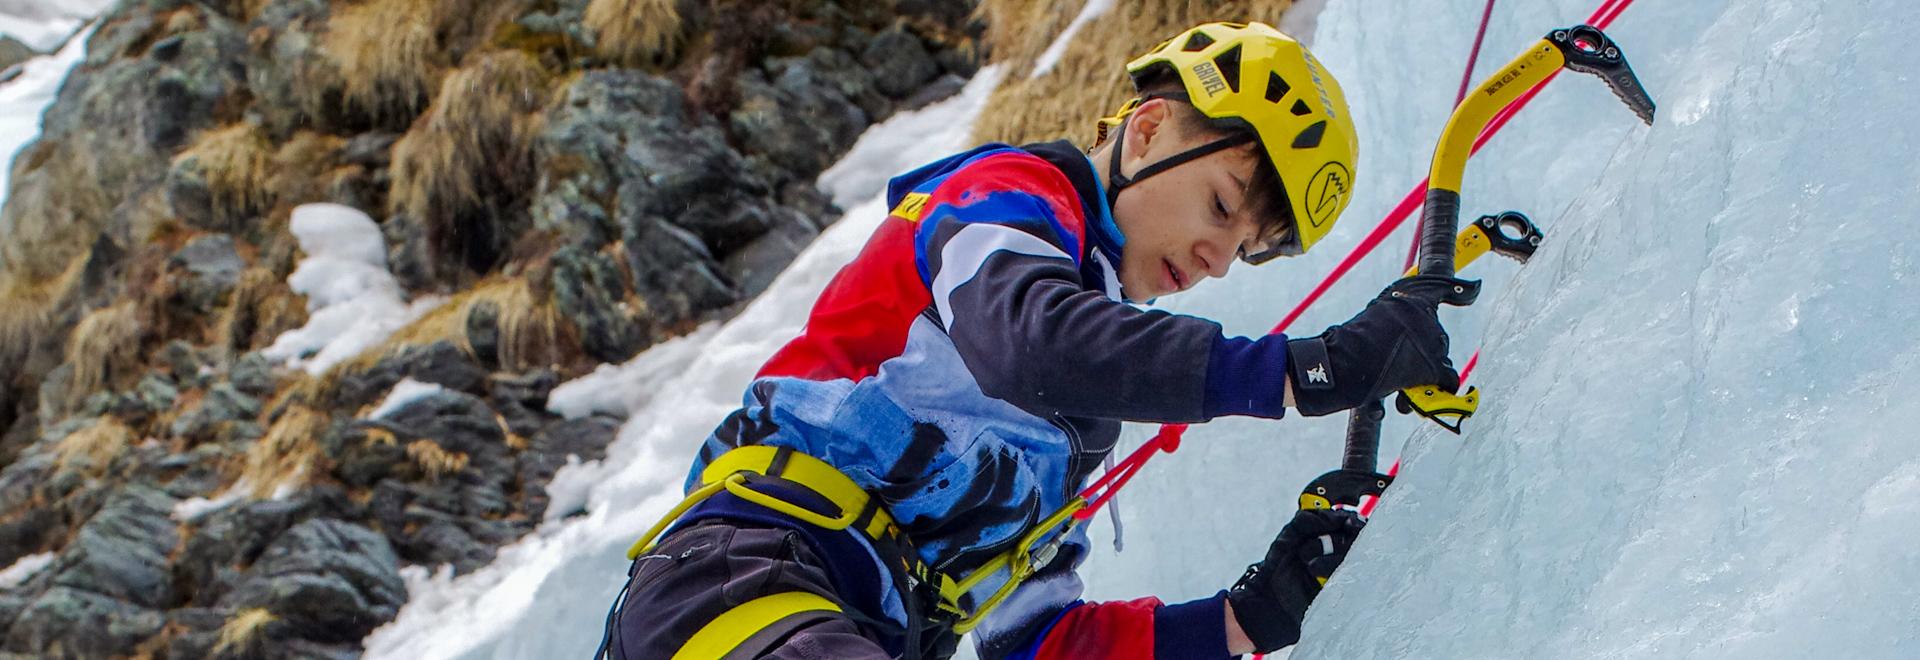 Arrampicata su ghiaccio a Cogne